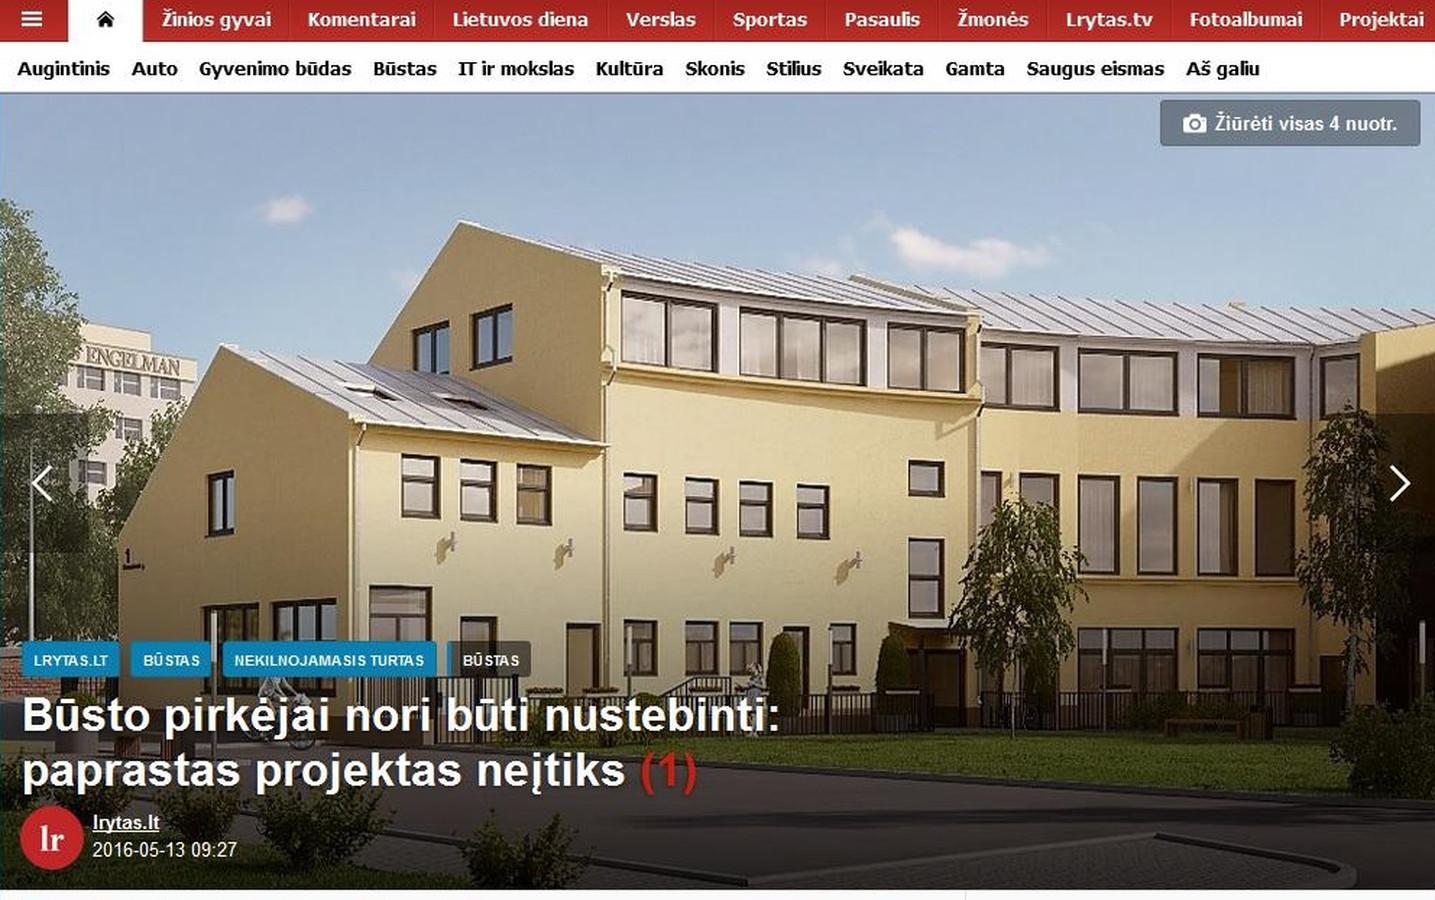 """NT projektas """"Karaliaus Mindaugo apartamentai"""" portale lrytas.lt Komunikacijos I etape - publikacijos kartą per mėnesį."""